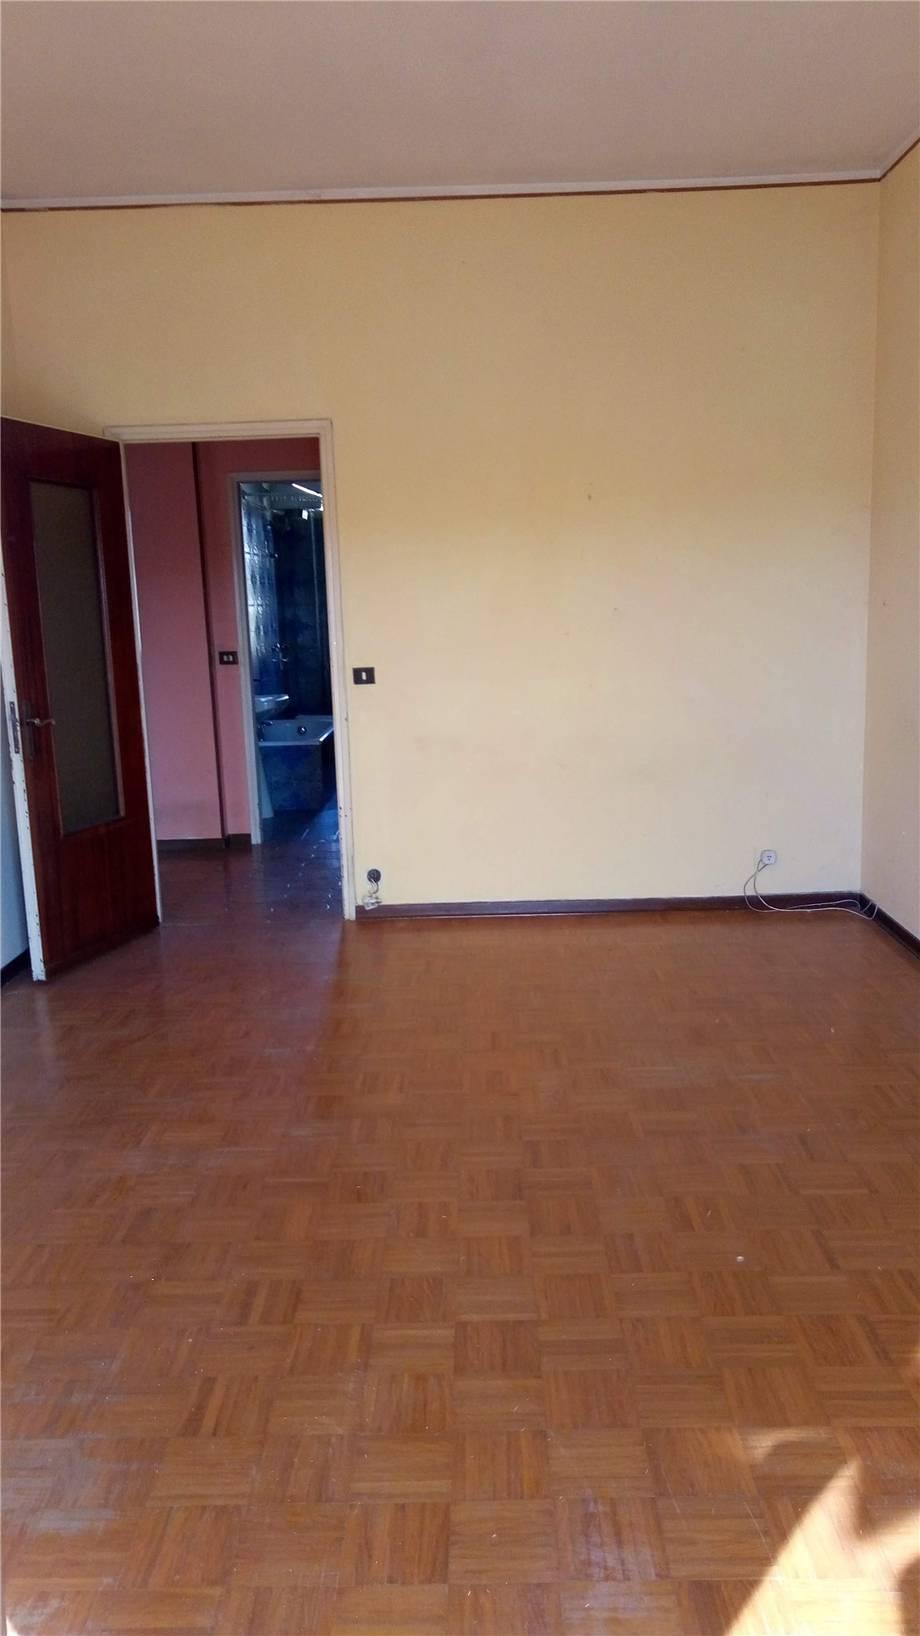 Vendita Appartamento Casale Monferrato  #AC-342 n.4